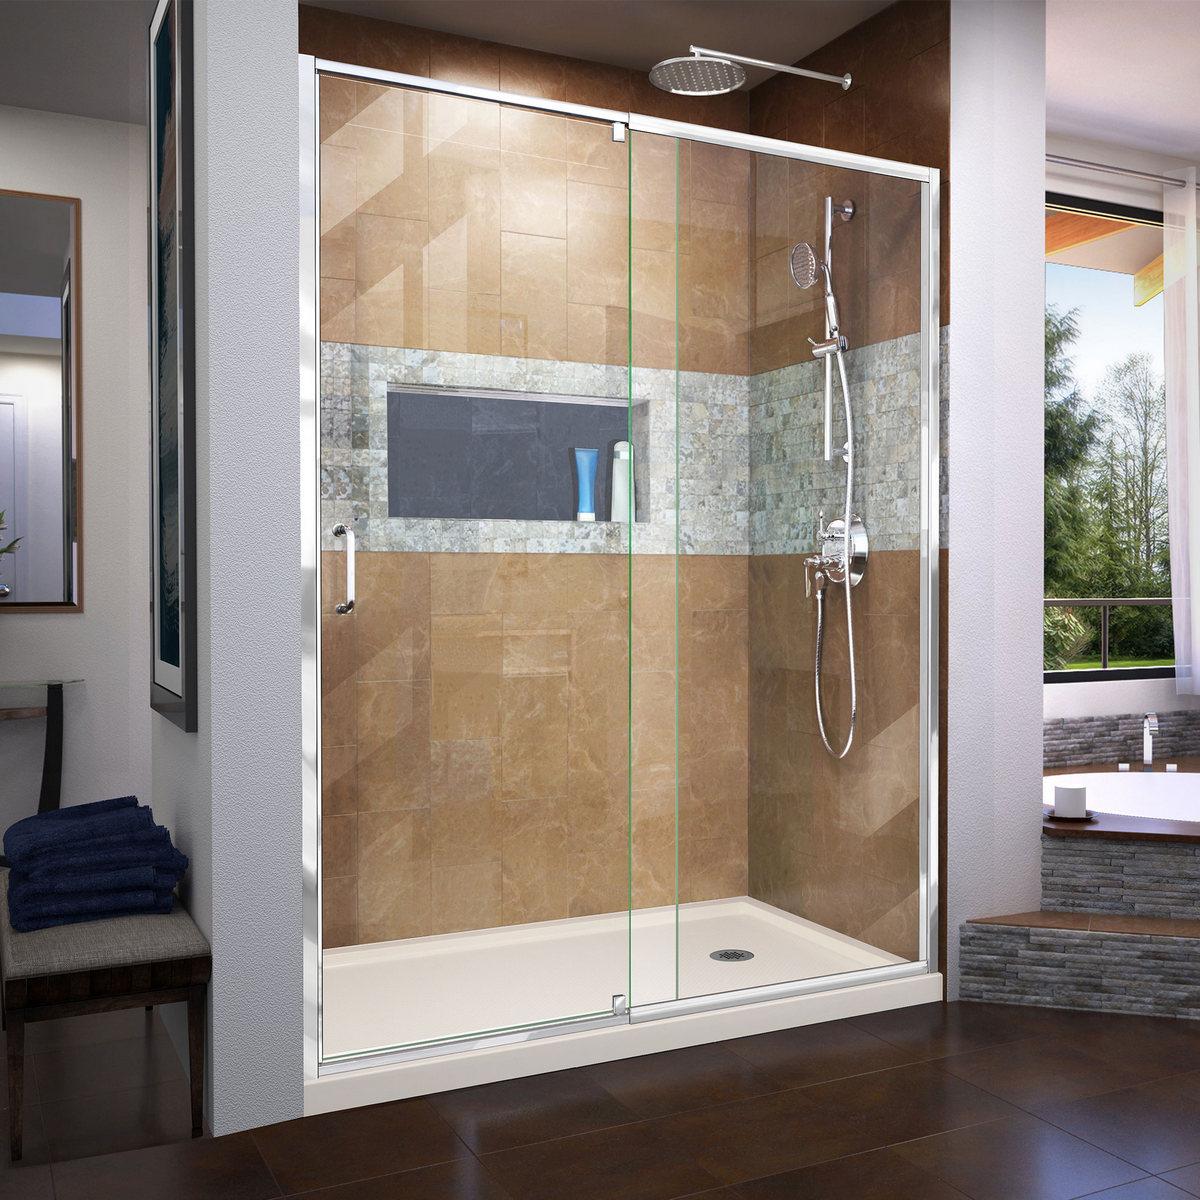 Dreamline Frameless Pivot Shower Door Chrome Right Drain Biscuit Base Kit